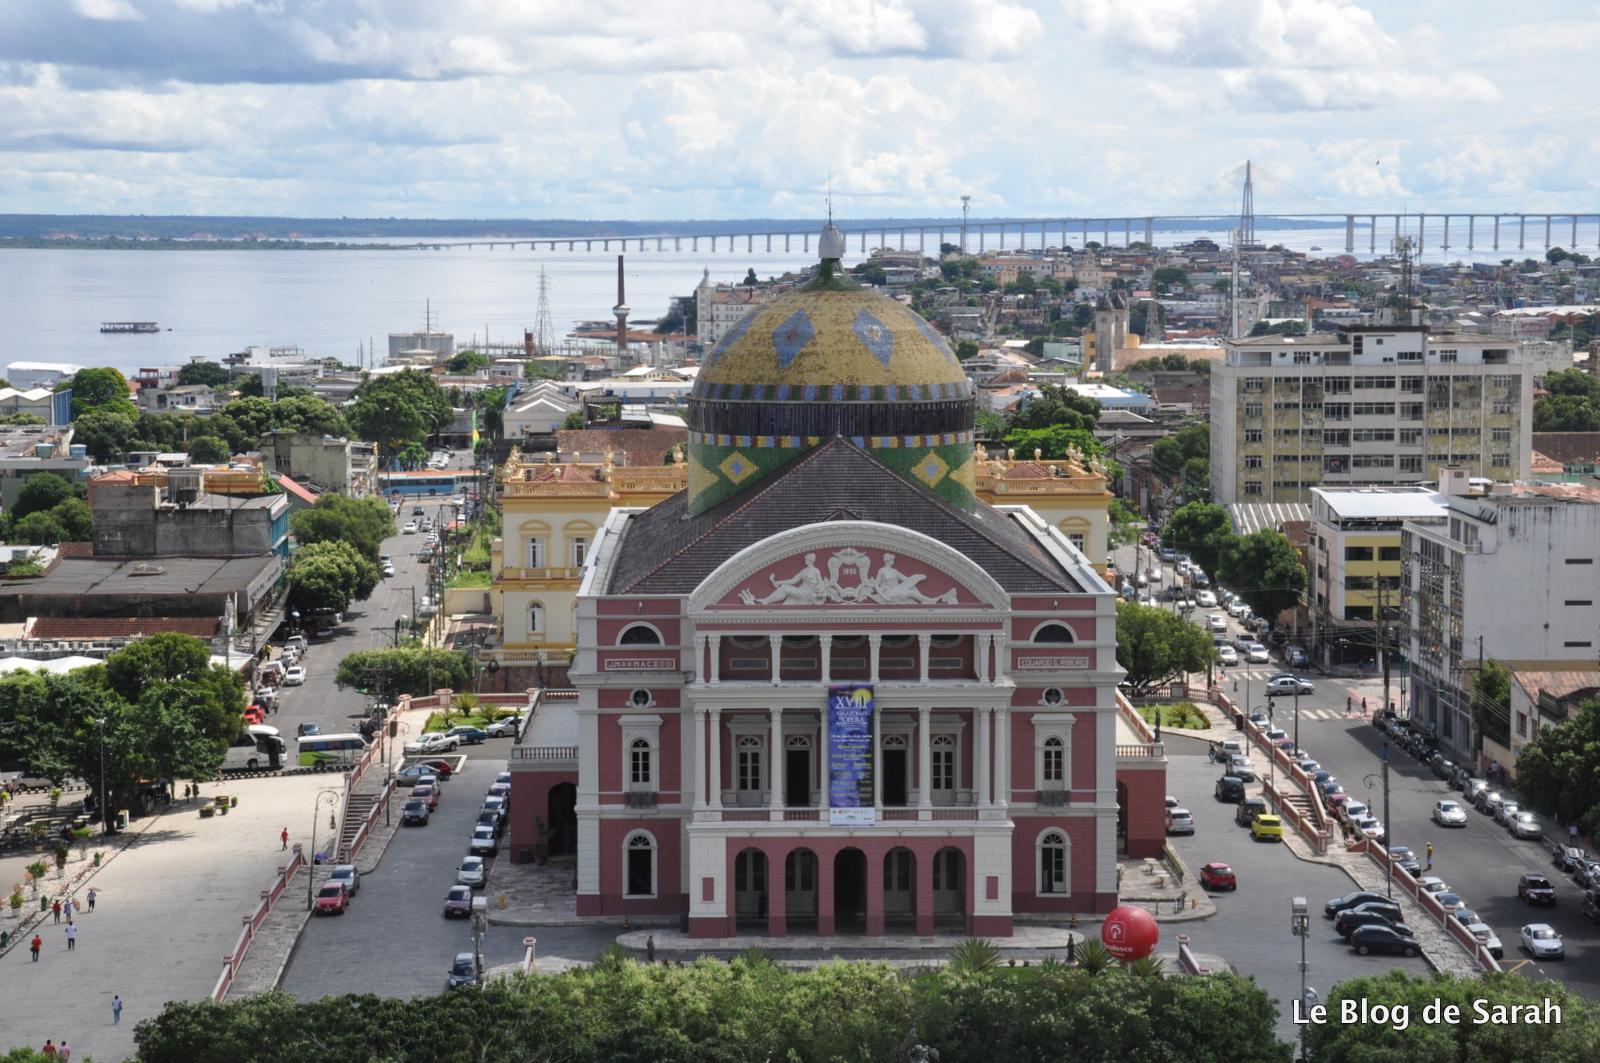 Vista de Manaus con la Ópera y en la distancia el Puente del Río Negro